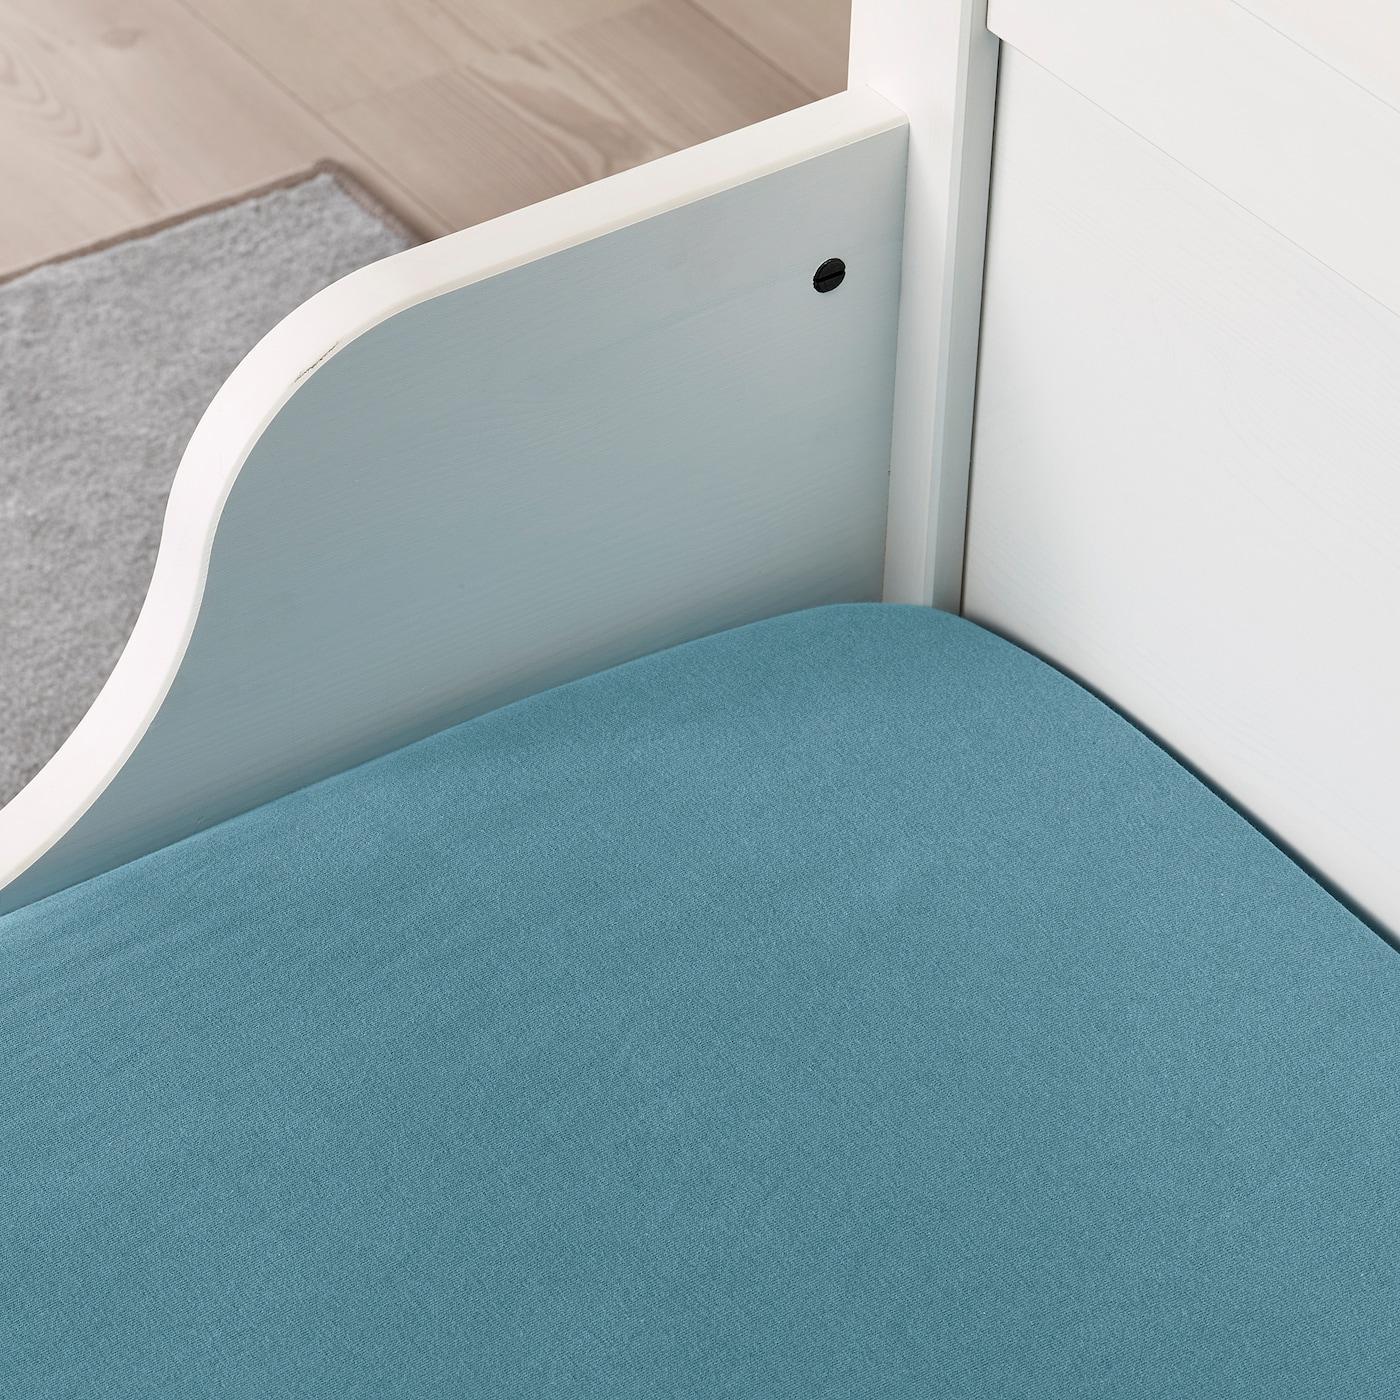 Bettlaken Baby Kinderbett IKEA LEN Spannlaken für ausziehbares Bett weiß 2tlg